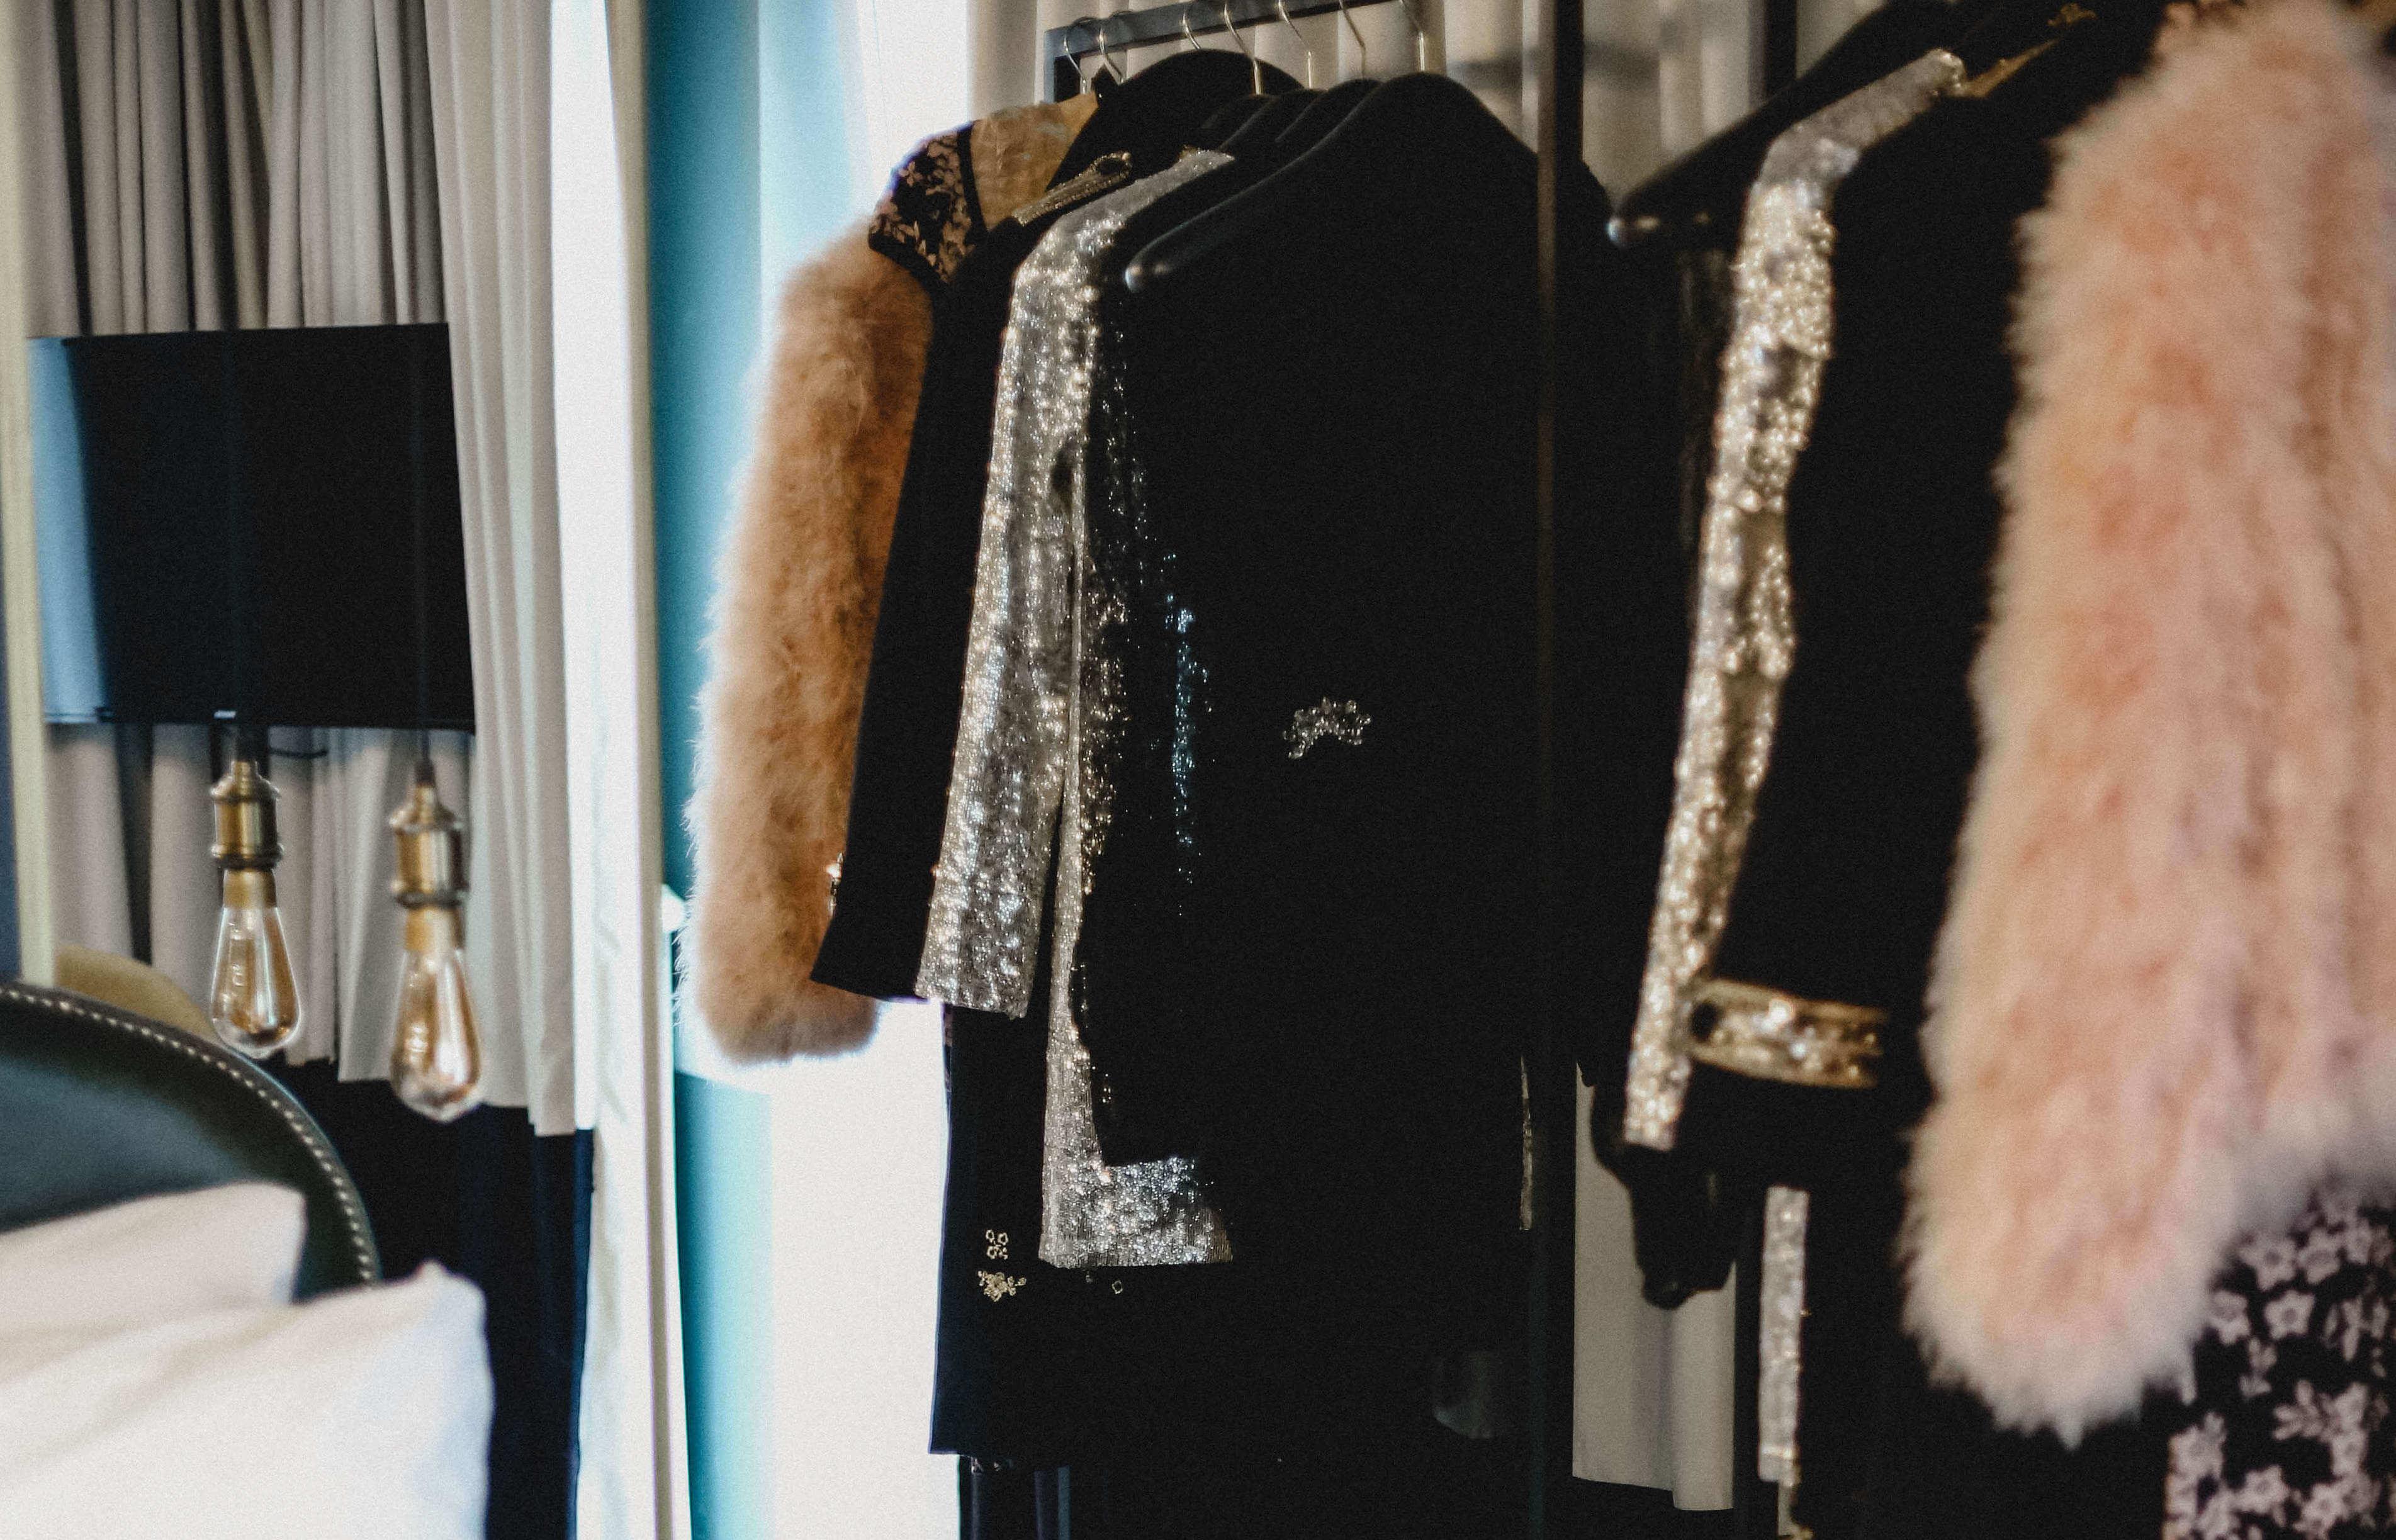 Klamotten-Tausch-Partys sind im Kommen. Immer mehr Menschen wollen nicht wahllos einkaufen, sondern ihre alten Klamotten gegenseitig tauschen.